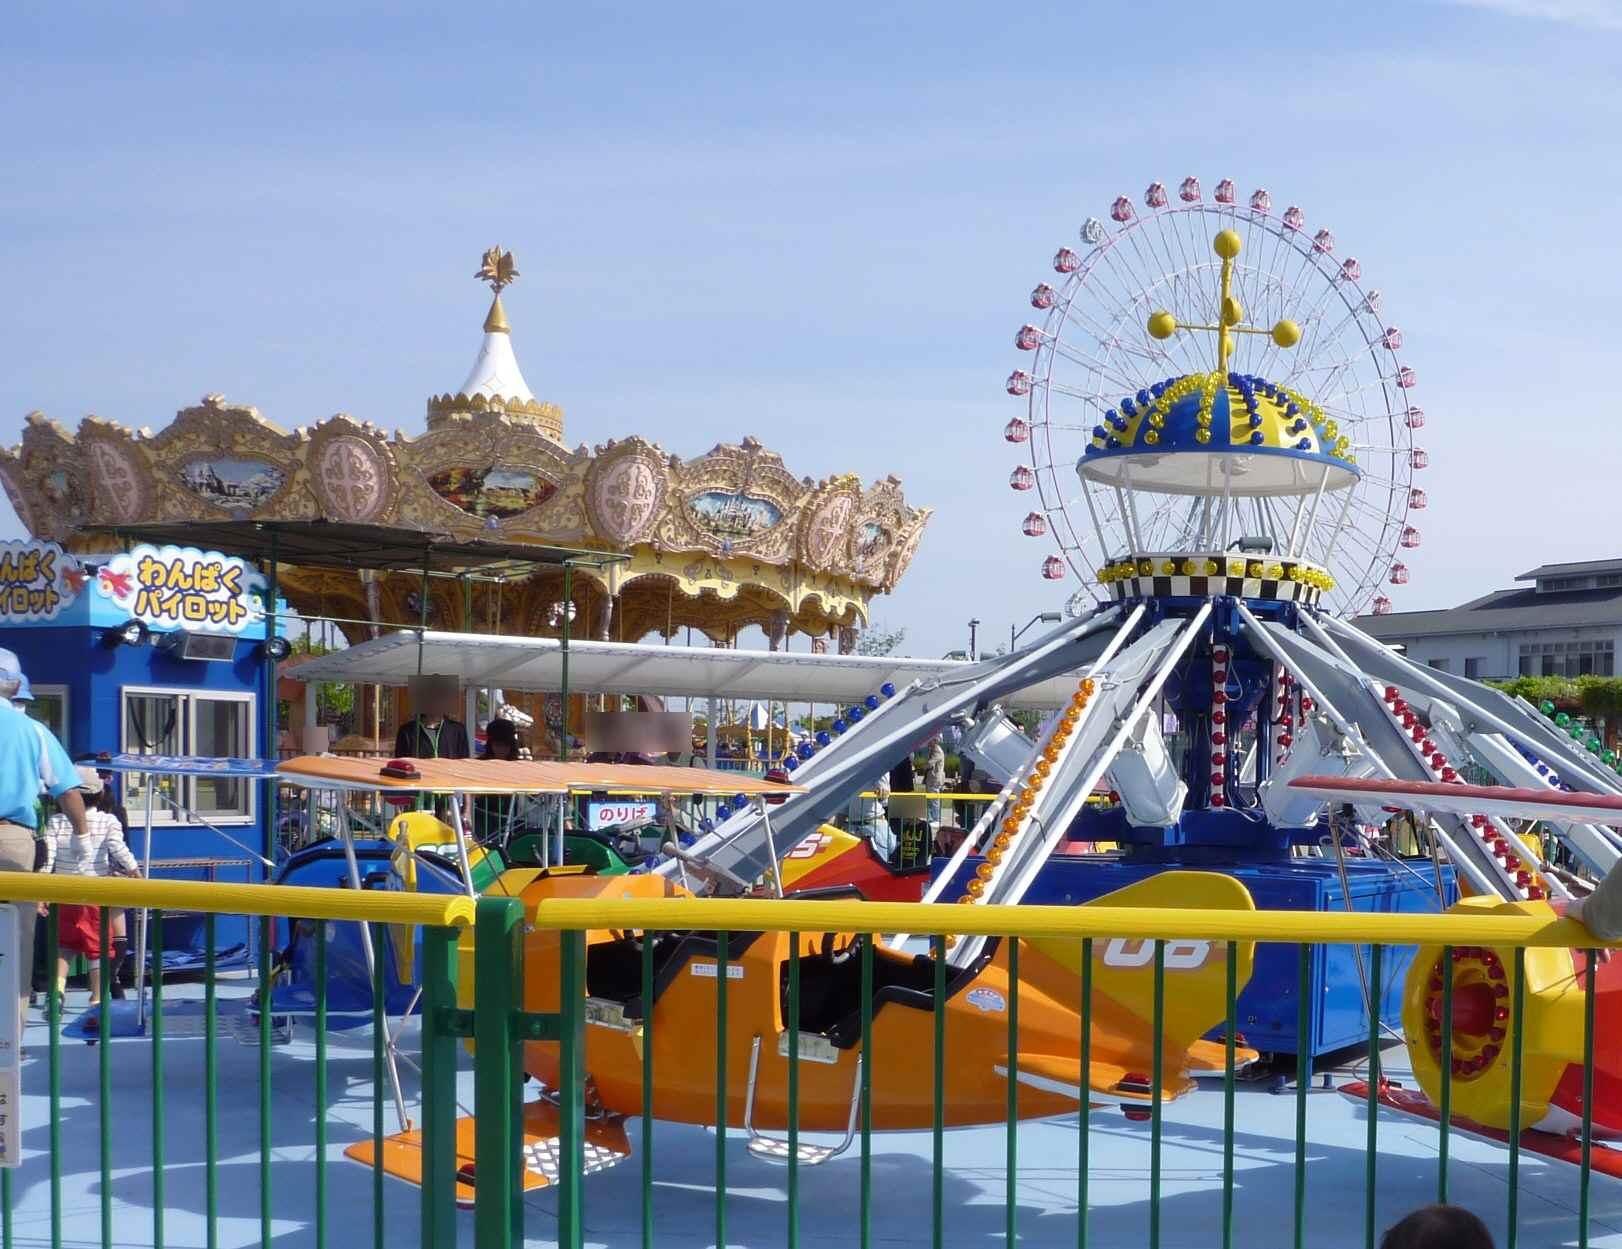 愛知県内の遊園地おすすめ5選!乗り物が安い穴場やデートに人気のスポットも